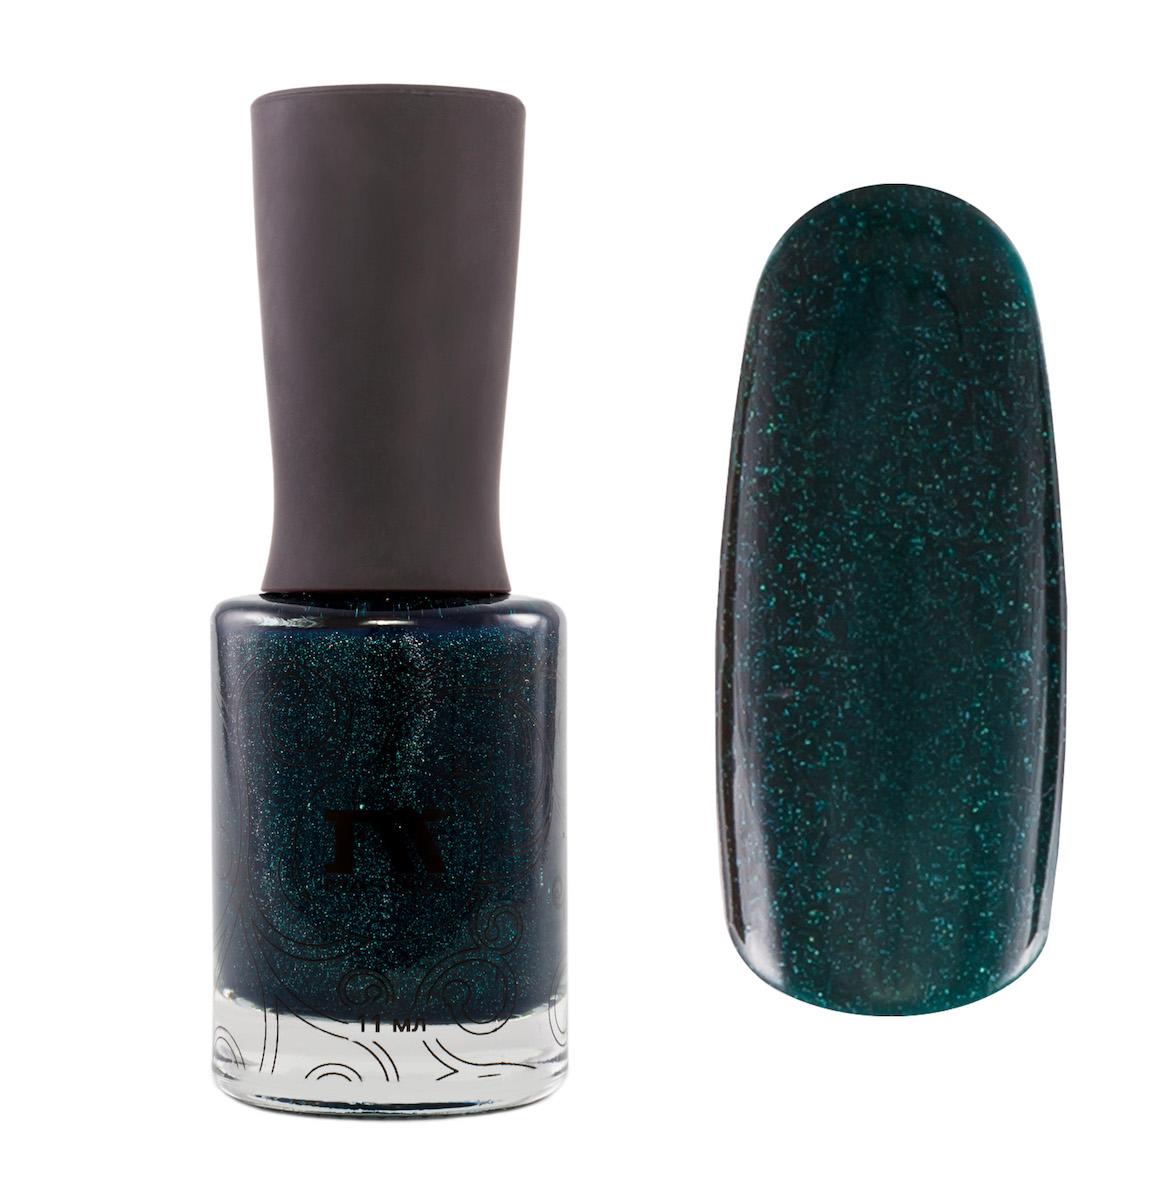 Masura Лак для ногтей Поменьше бы Понедельников, 11 млNL373-84580темно-зеленый с изумрудным подтоном, с явным голографическим и зеленовато-голубым мерцанием